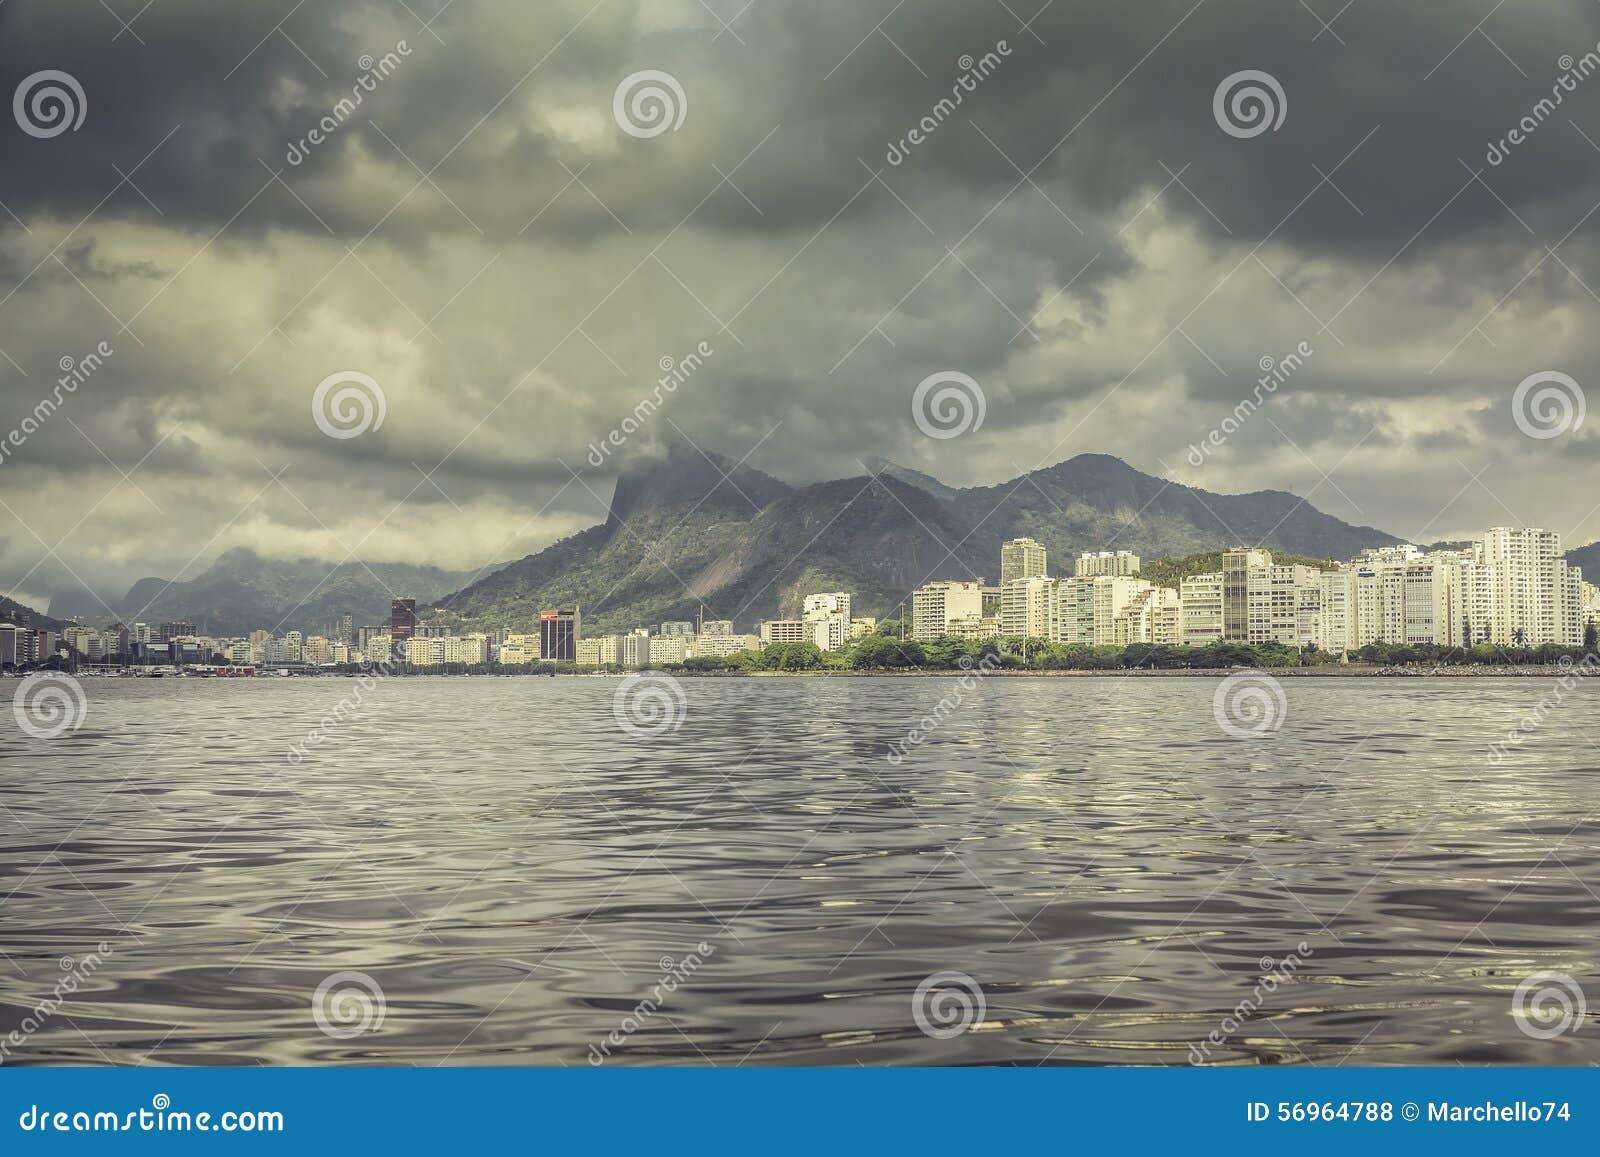 Baía com nuvens escuras, Rio de janeiro de Guanabara